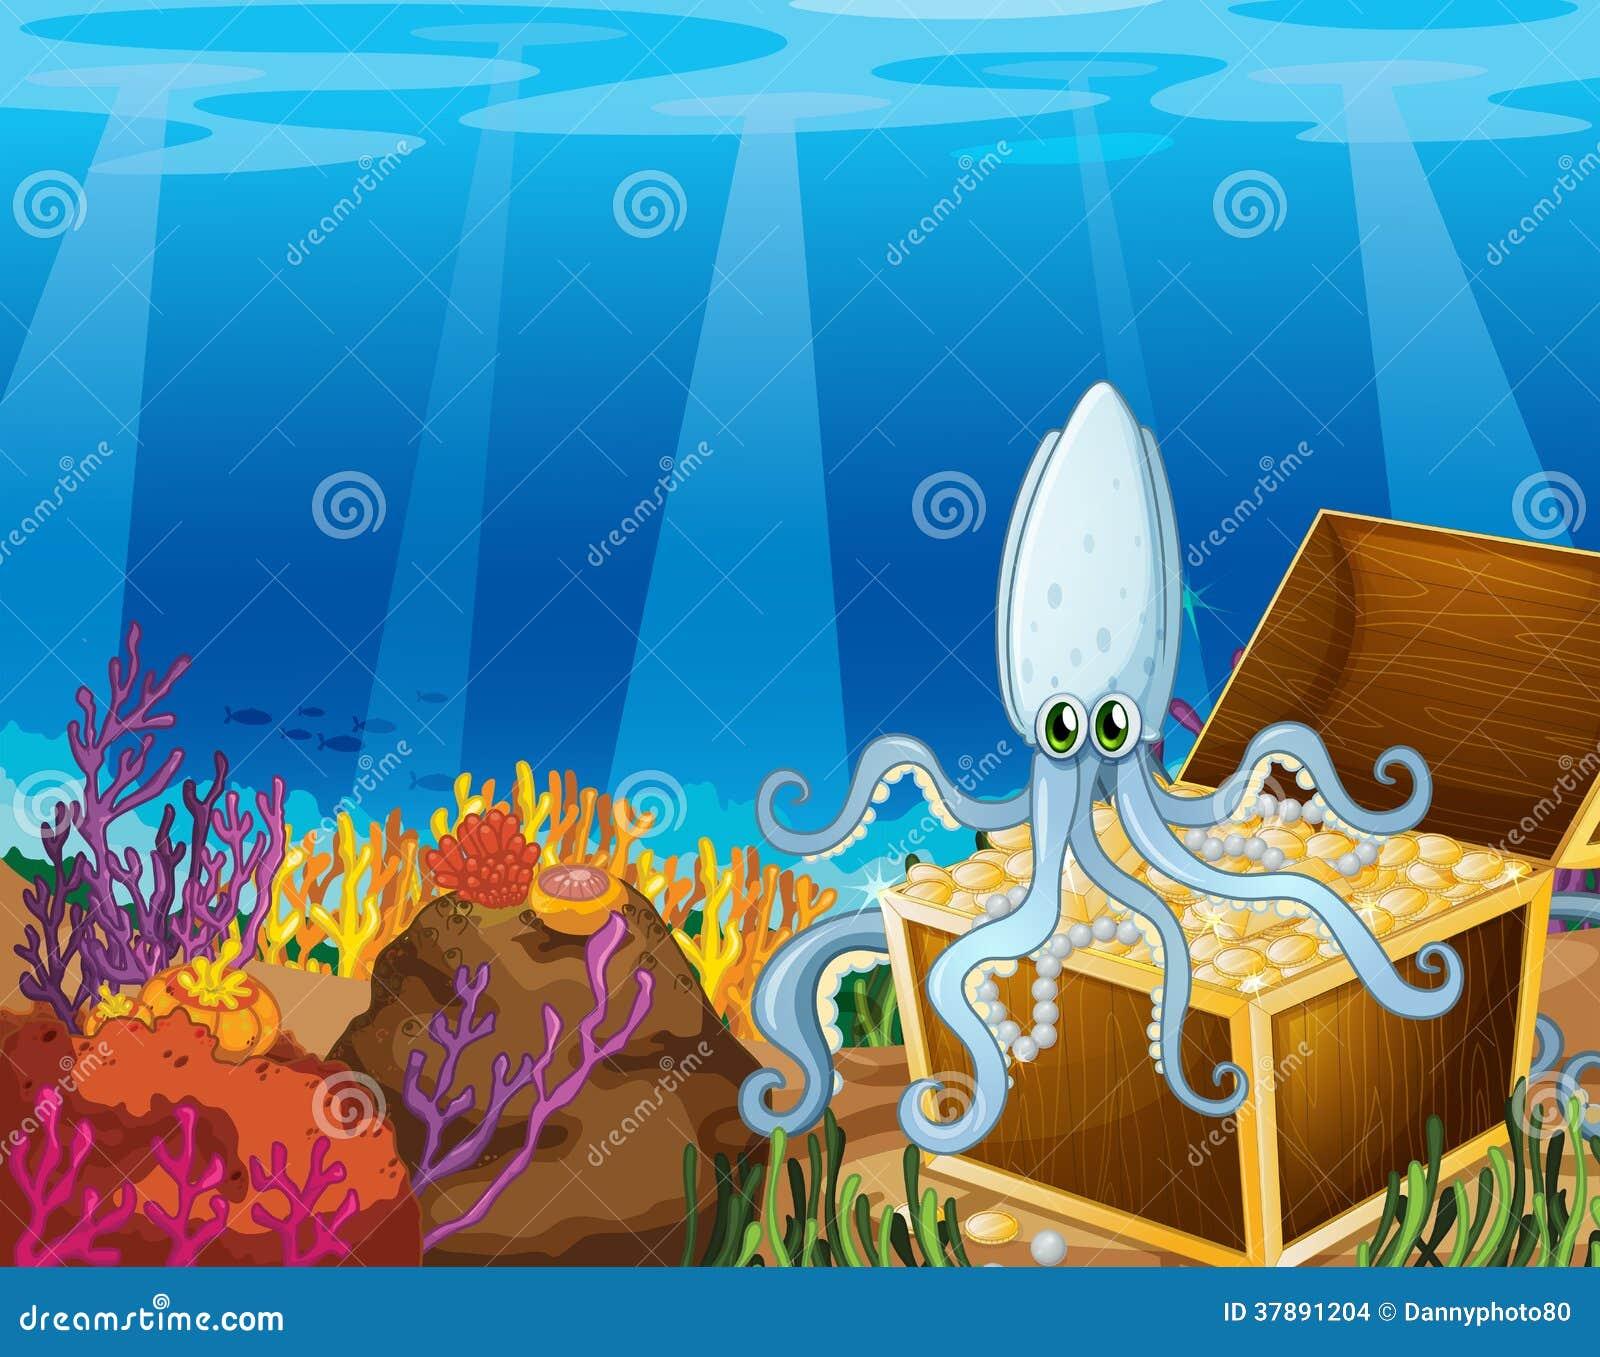 Een schatdoos onder het overzees met een octopus